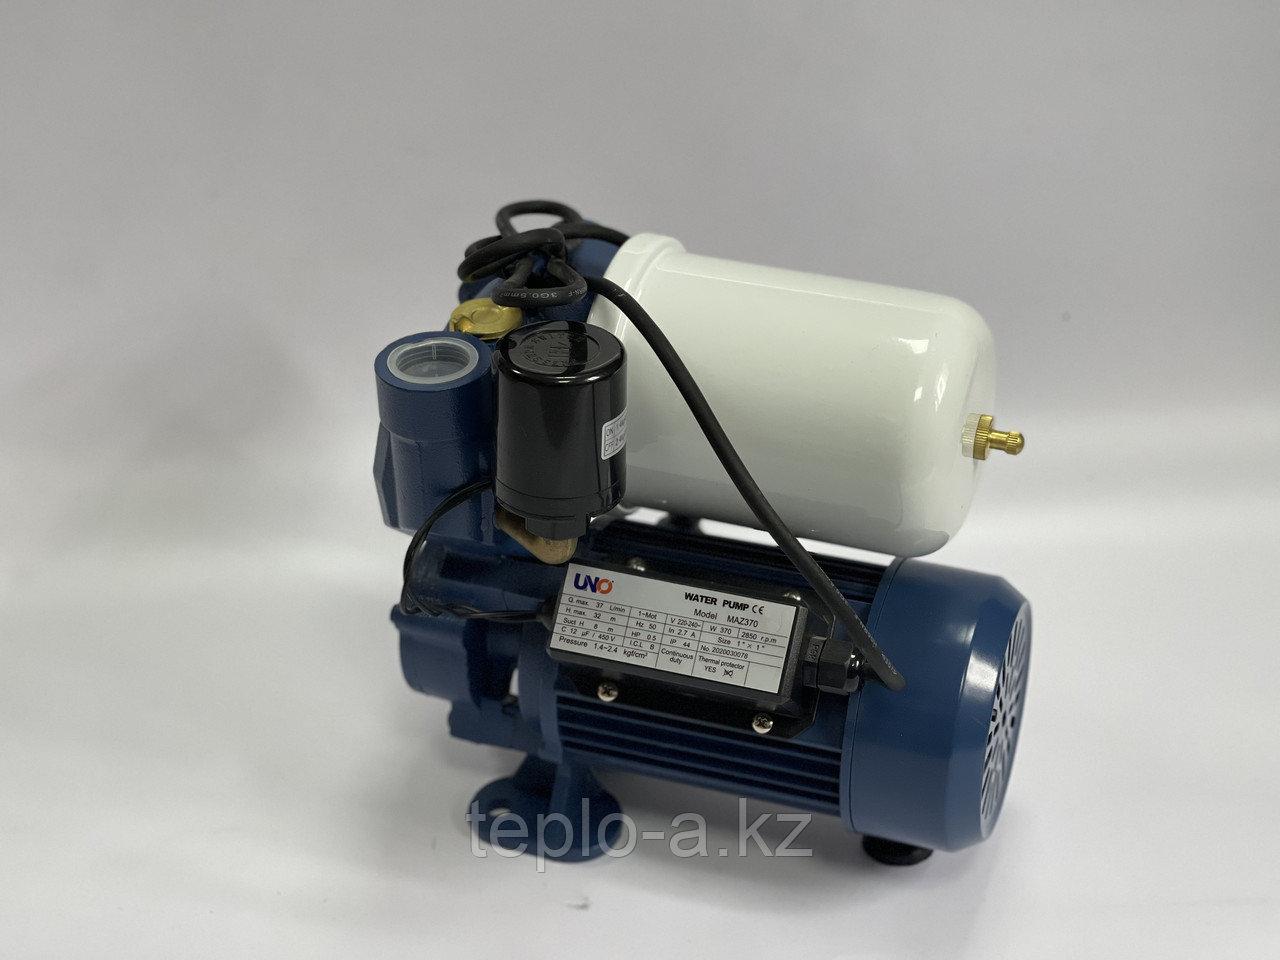 Автоматическая станция водоснабжения UNO MAZ 750